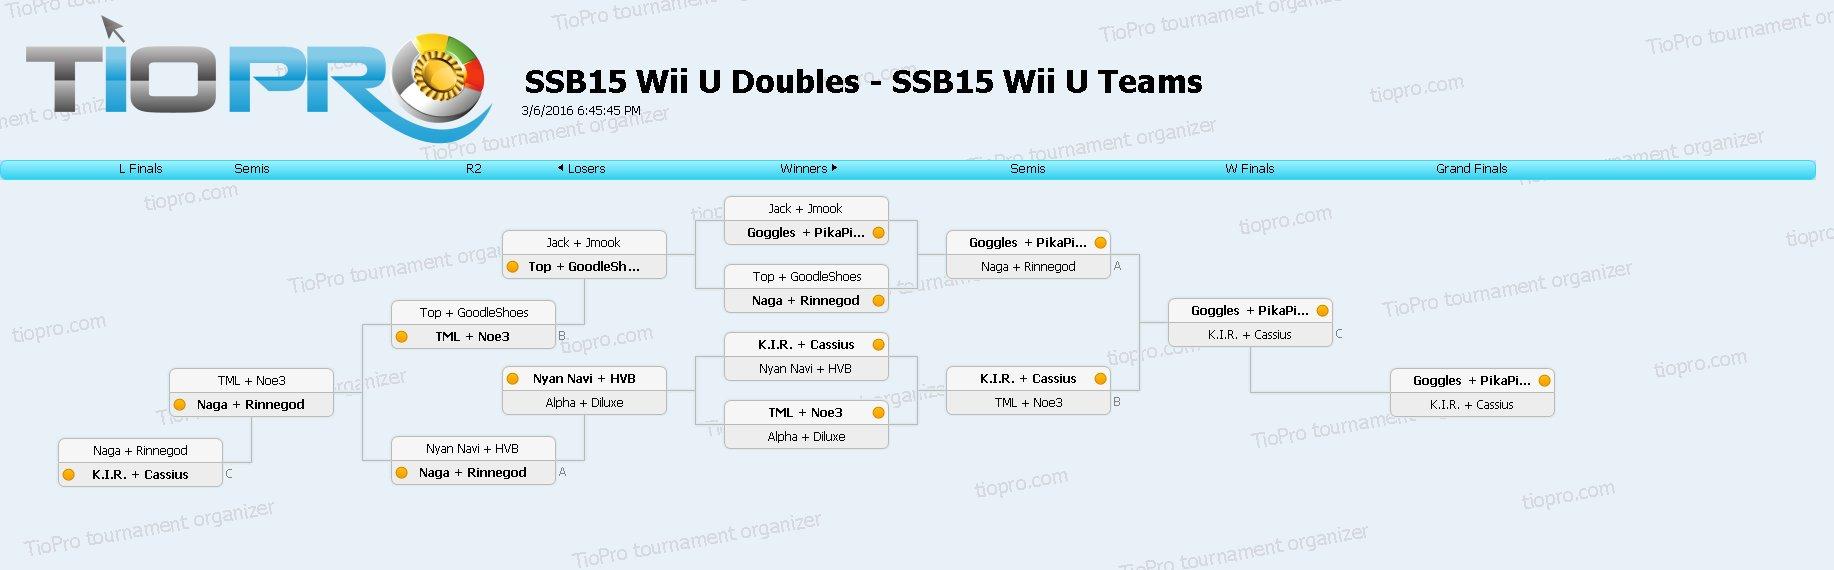 SSB15 Wii U Teams